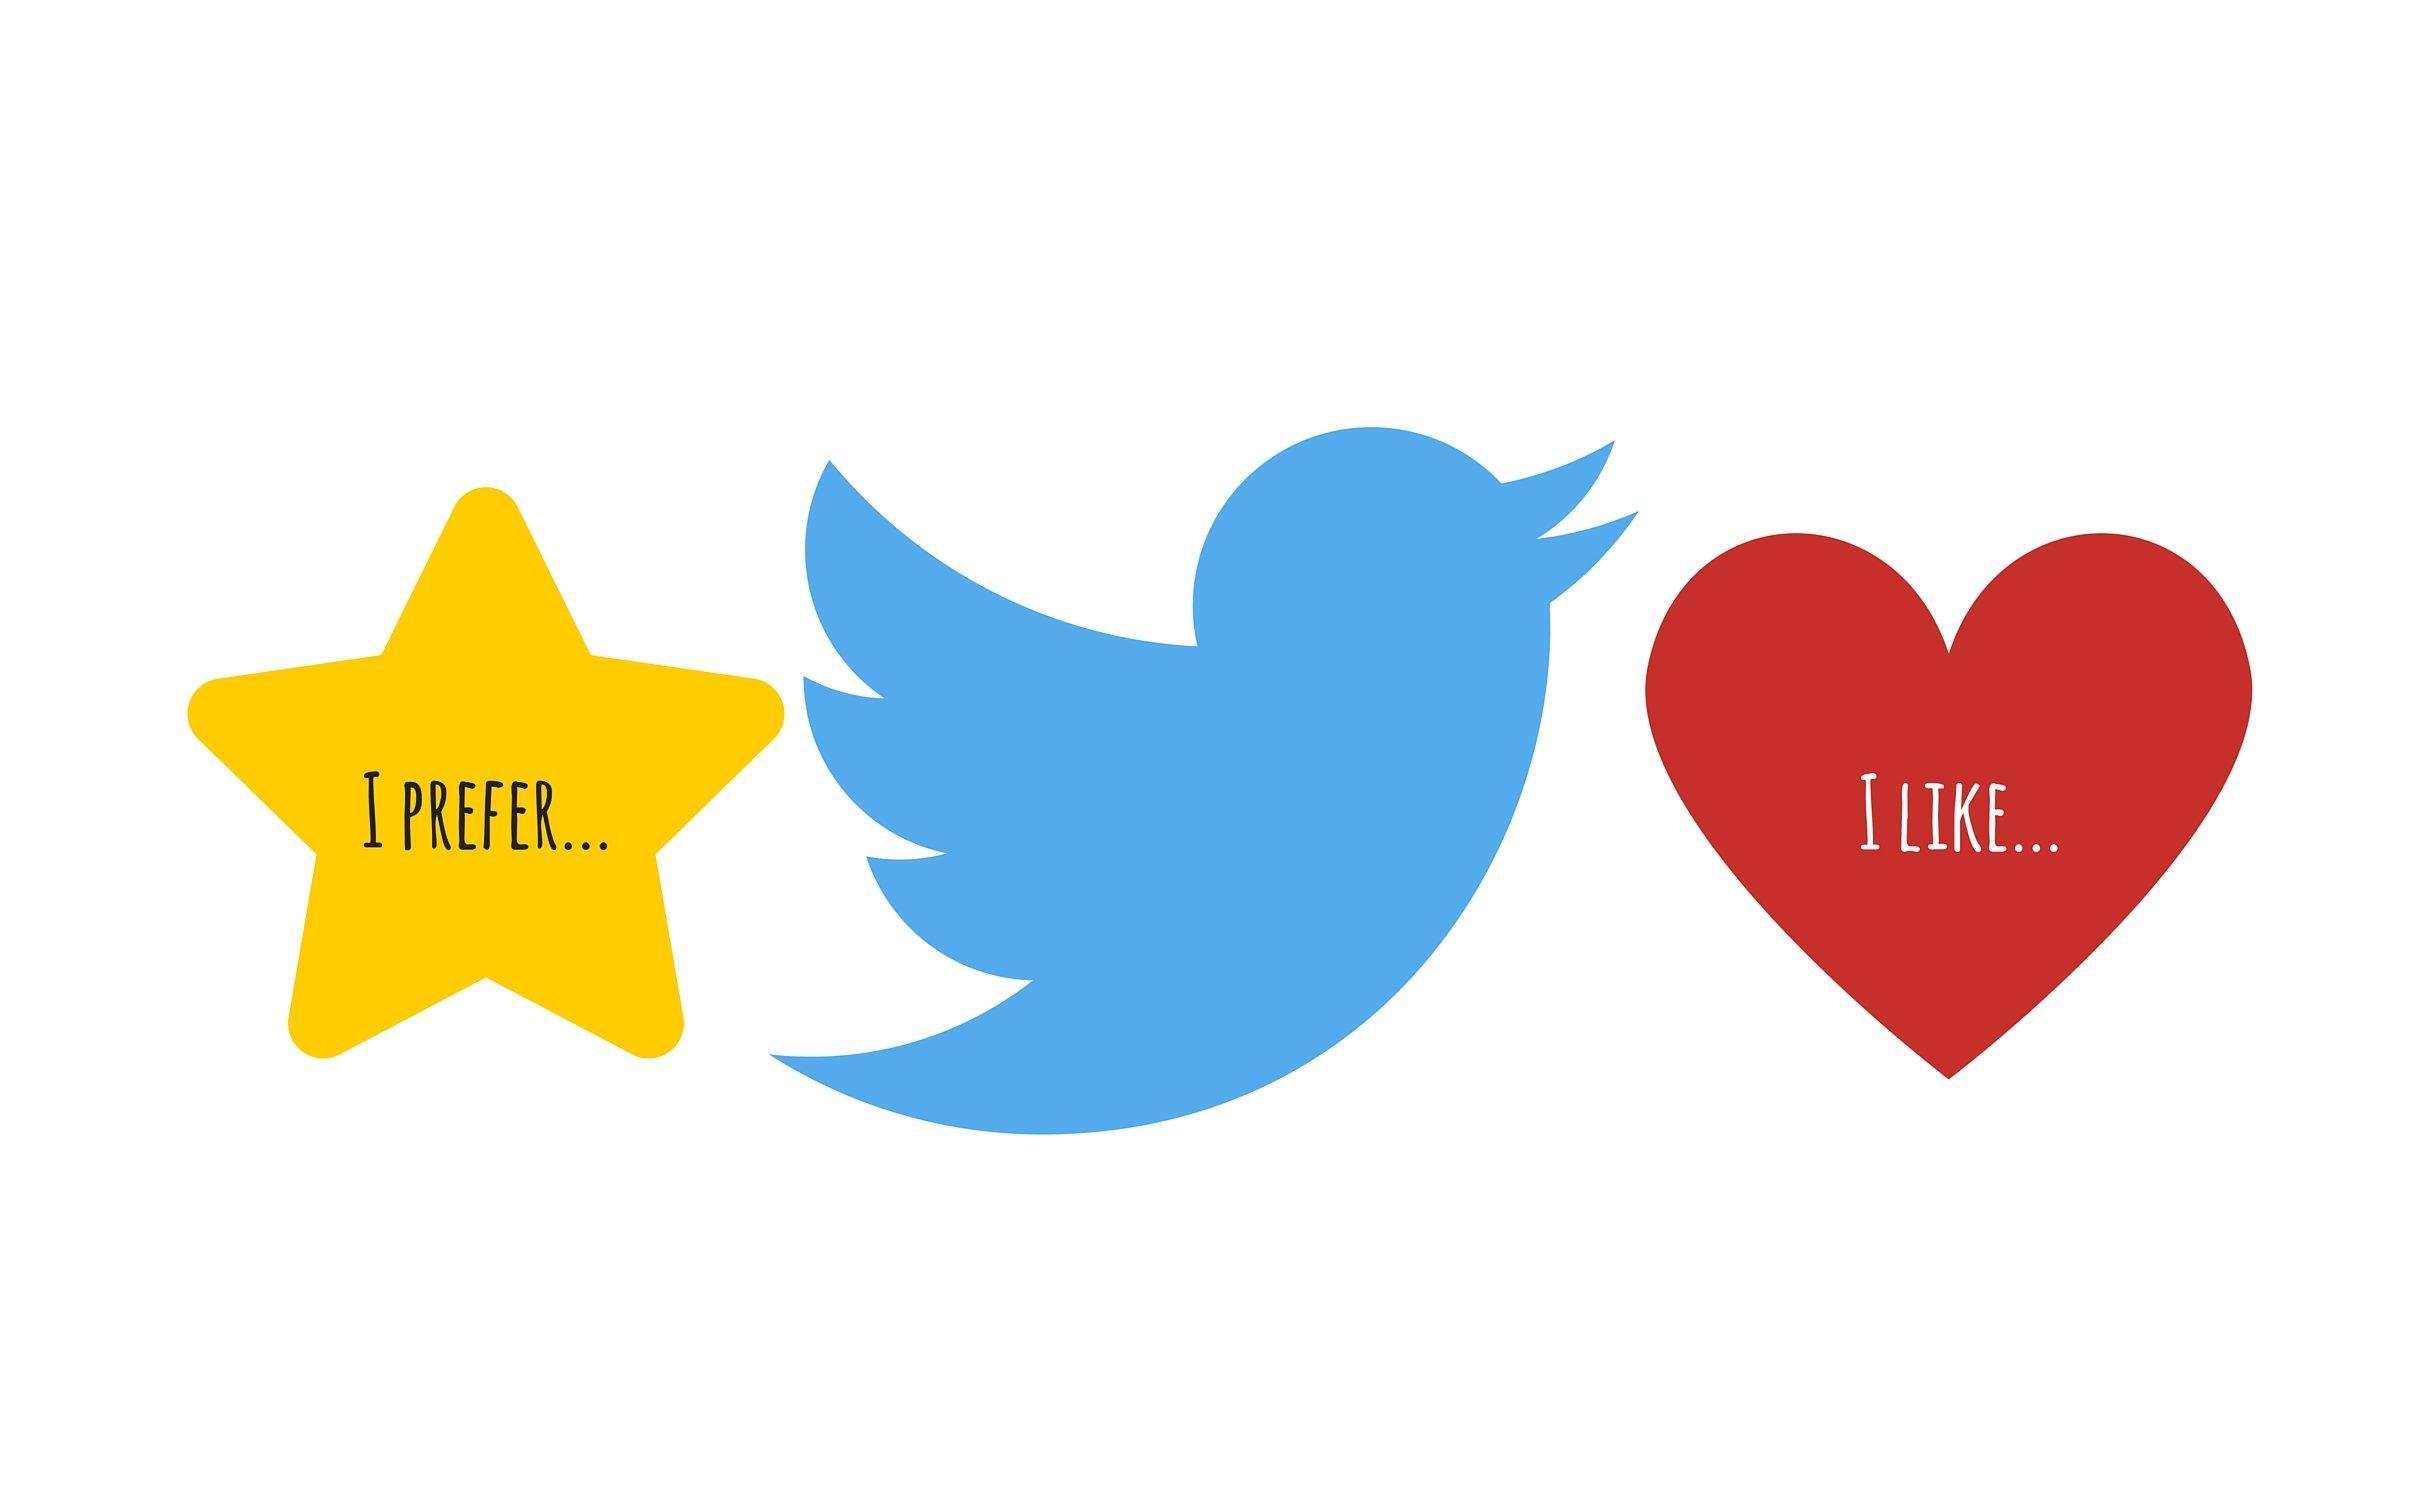 Like on Twitter